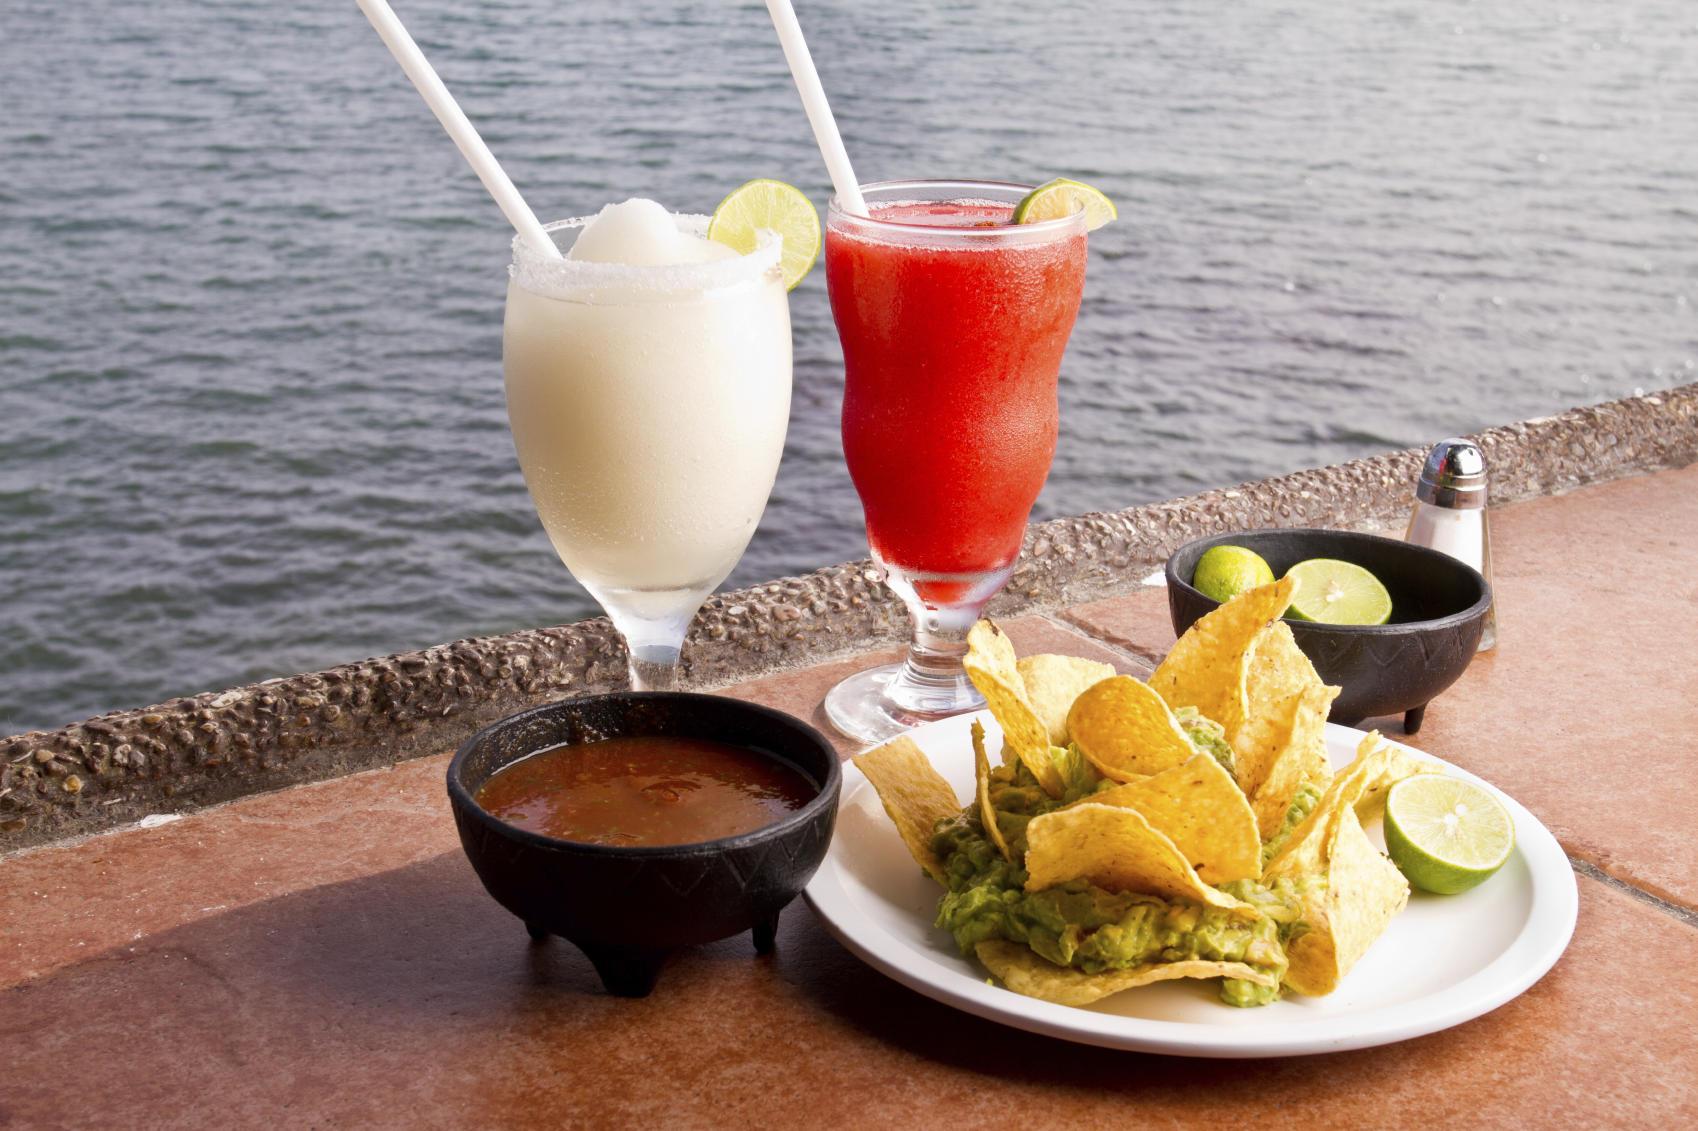 Celebrate Cinco De Mayo with an Easy Guacamole and a No Hangover Margarita